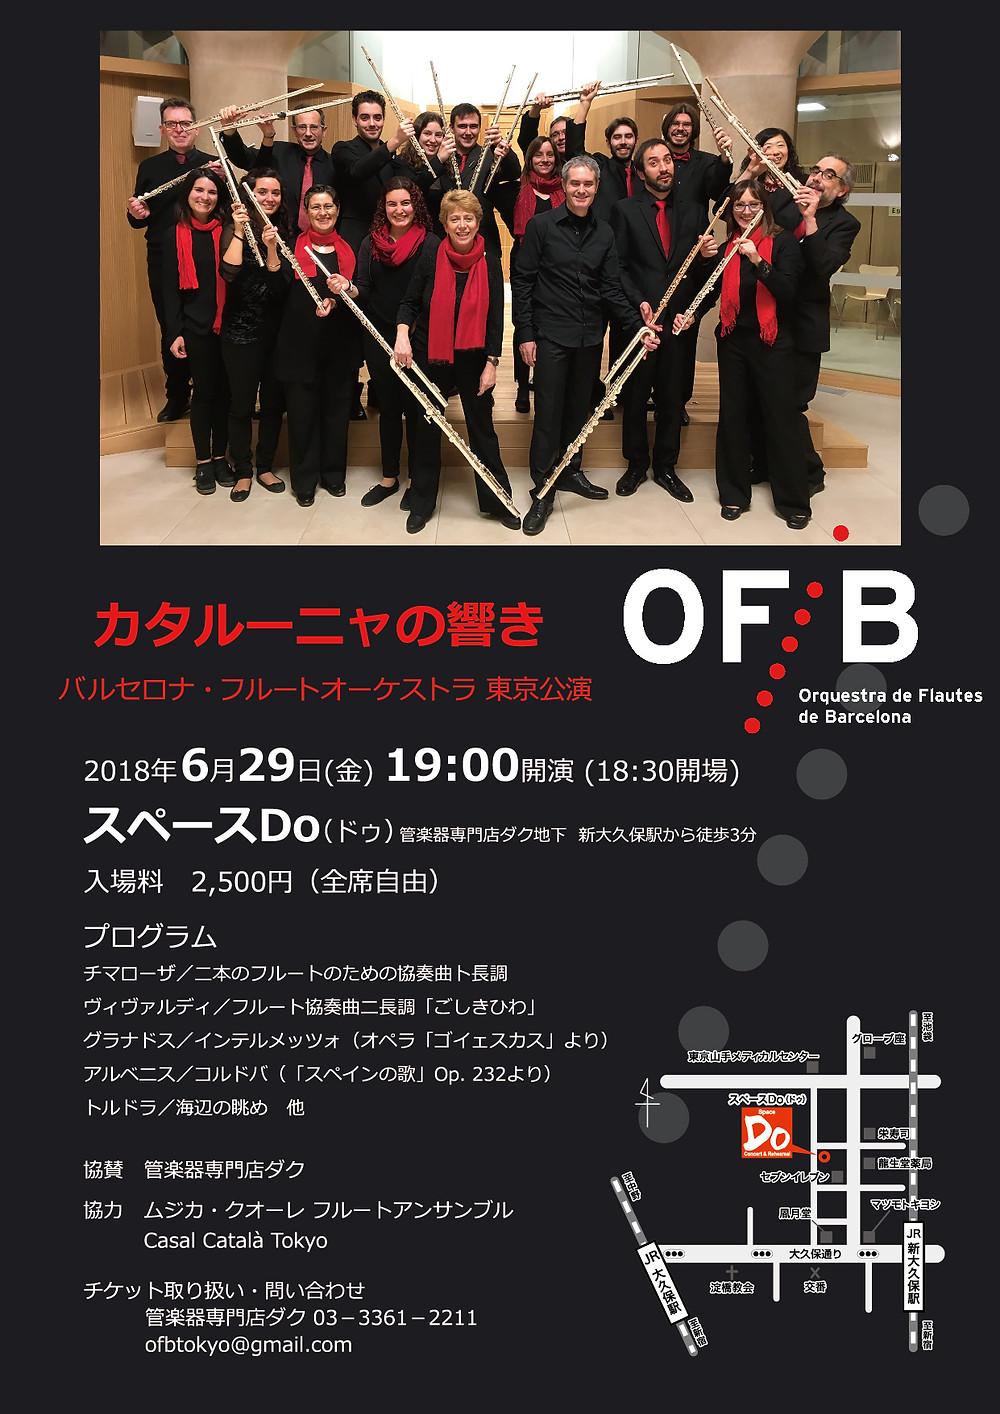 Cartell del concert de l'OFB a Tòquio el proper 29 de juny